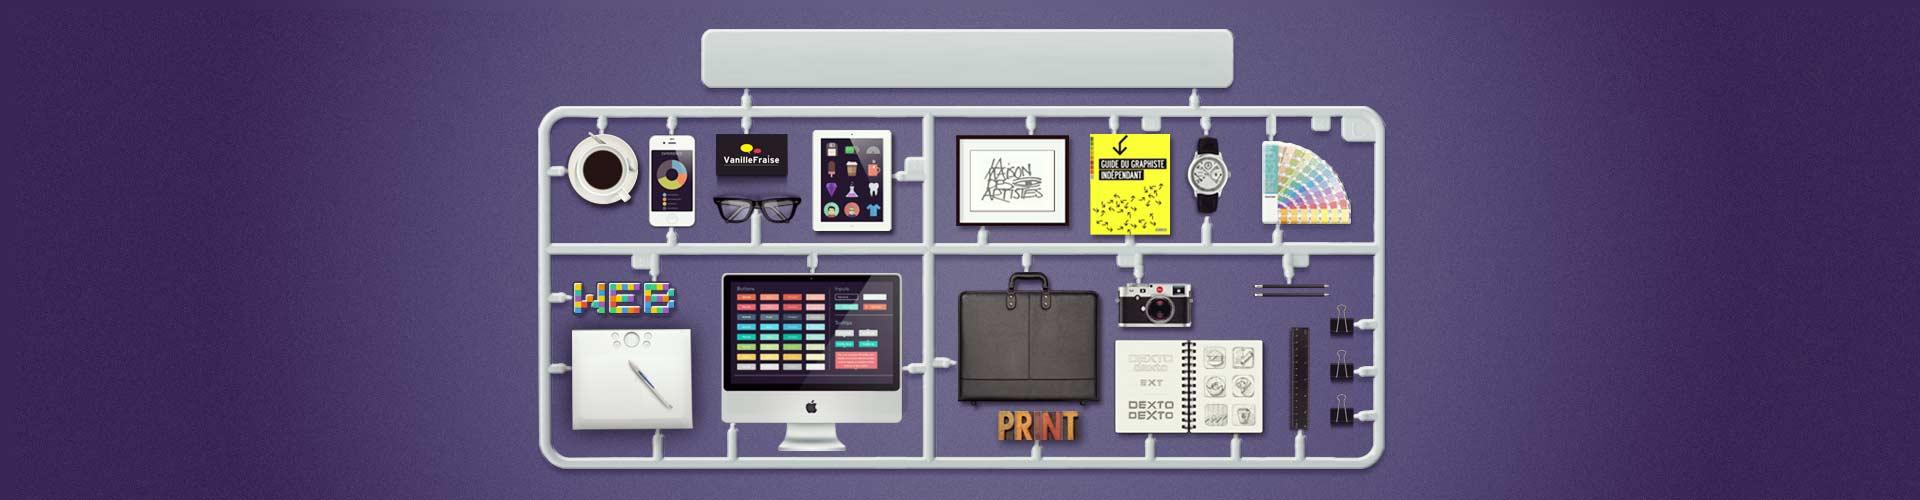 graphiste-freelance-kit